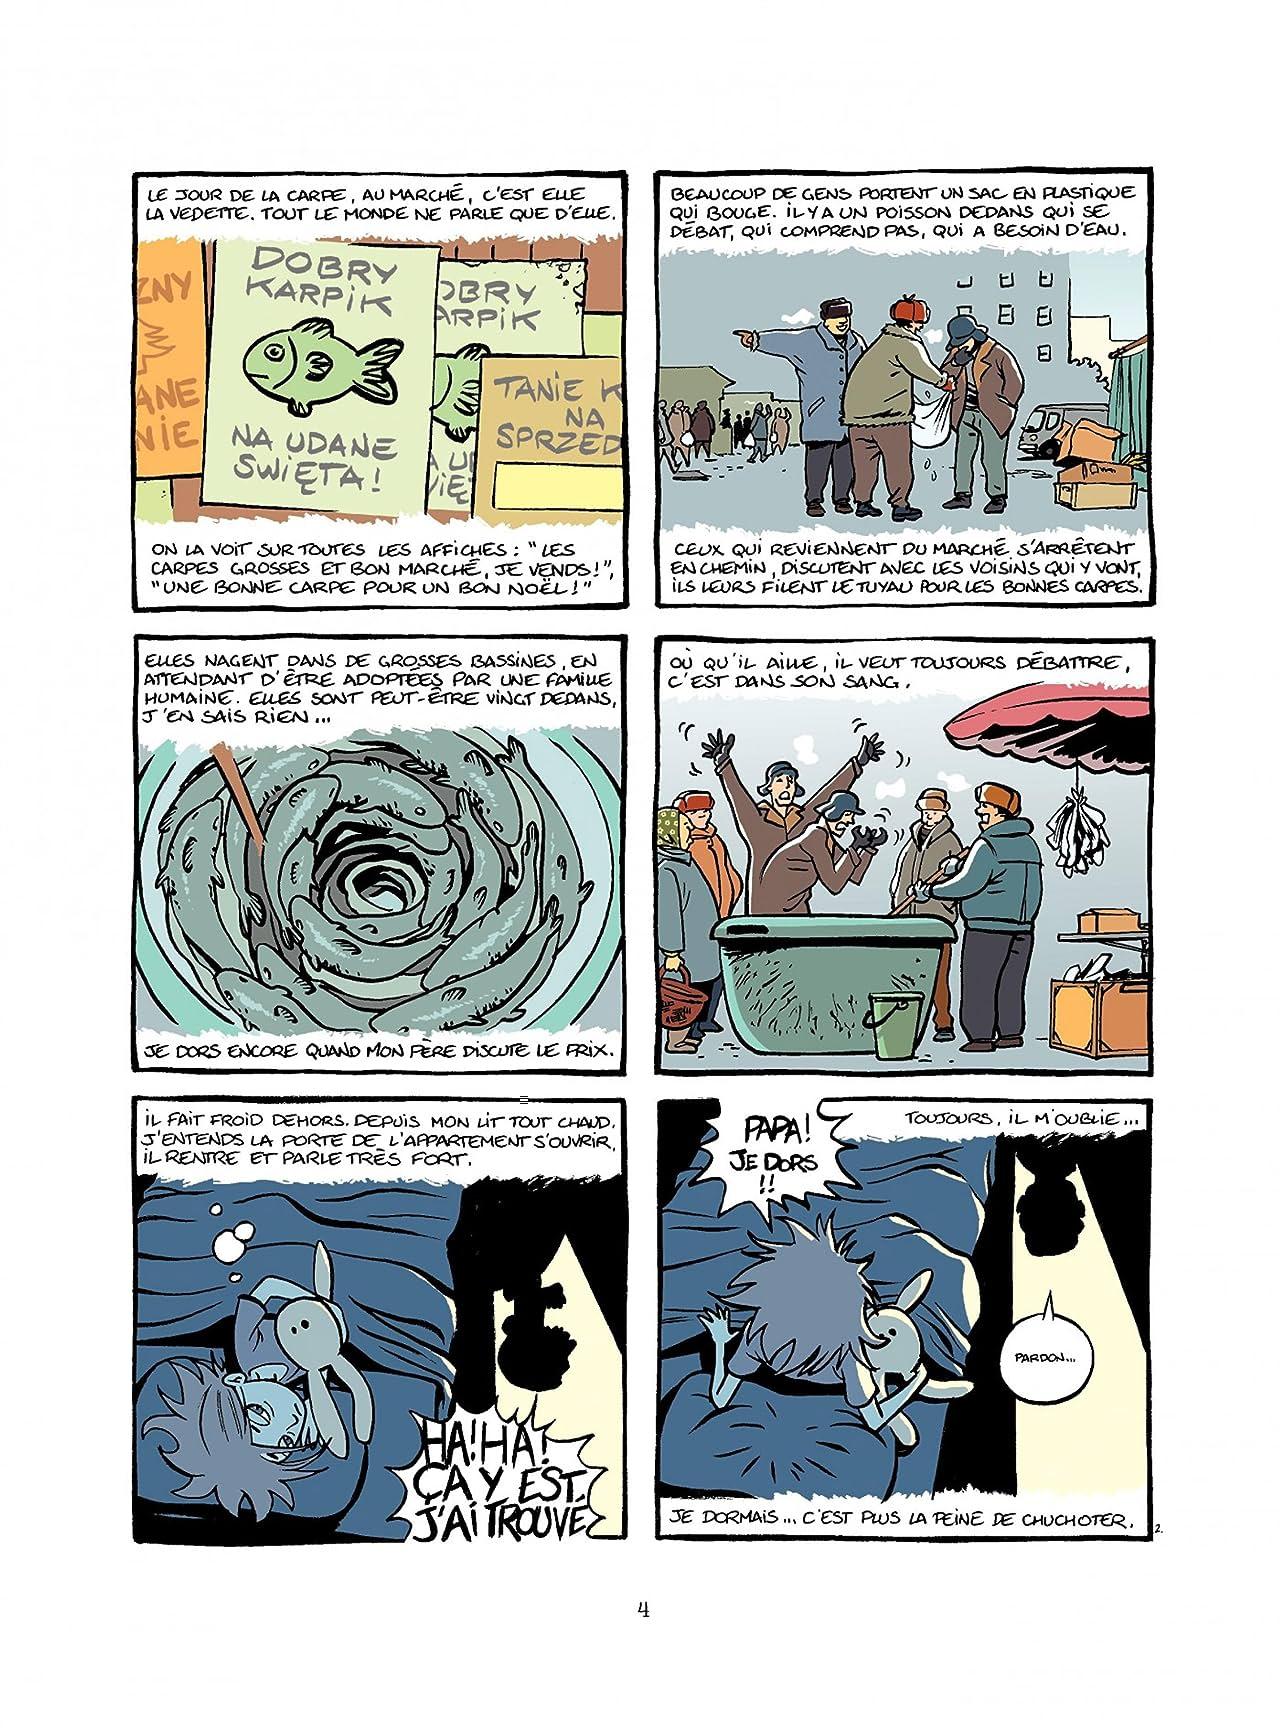 Marzi Vol. 1: Petite carpe